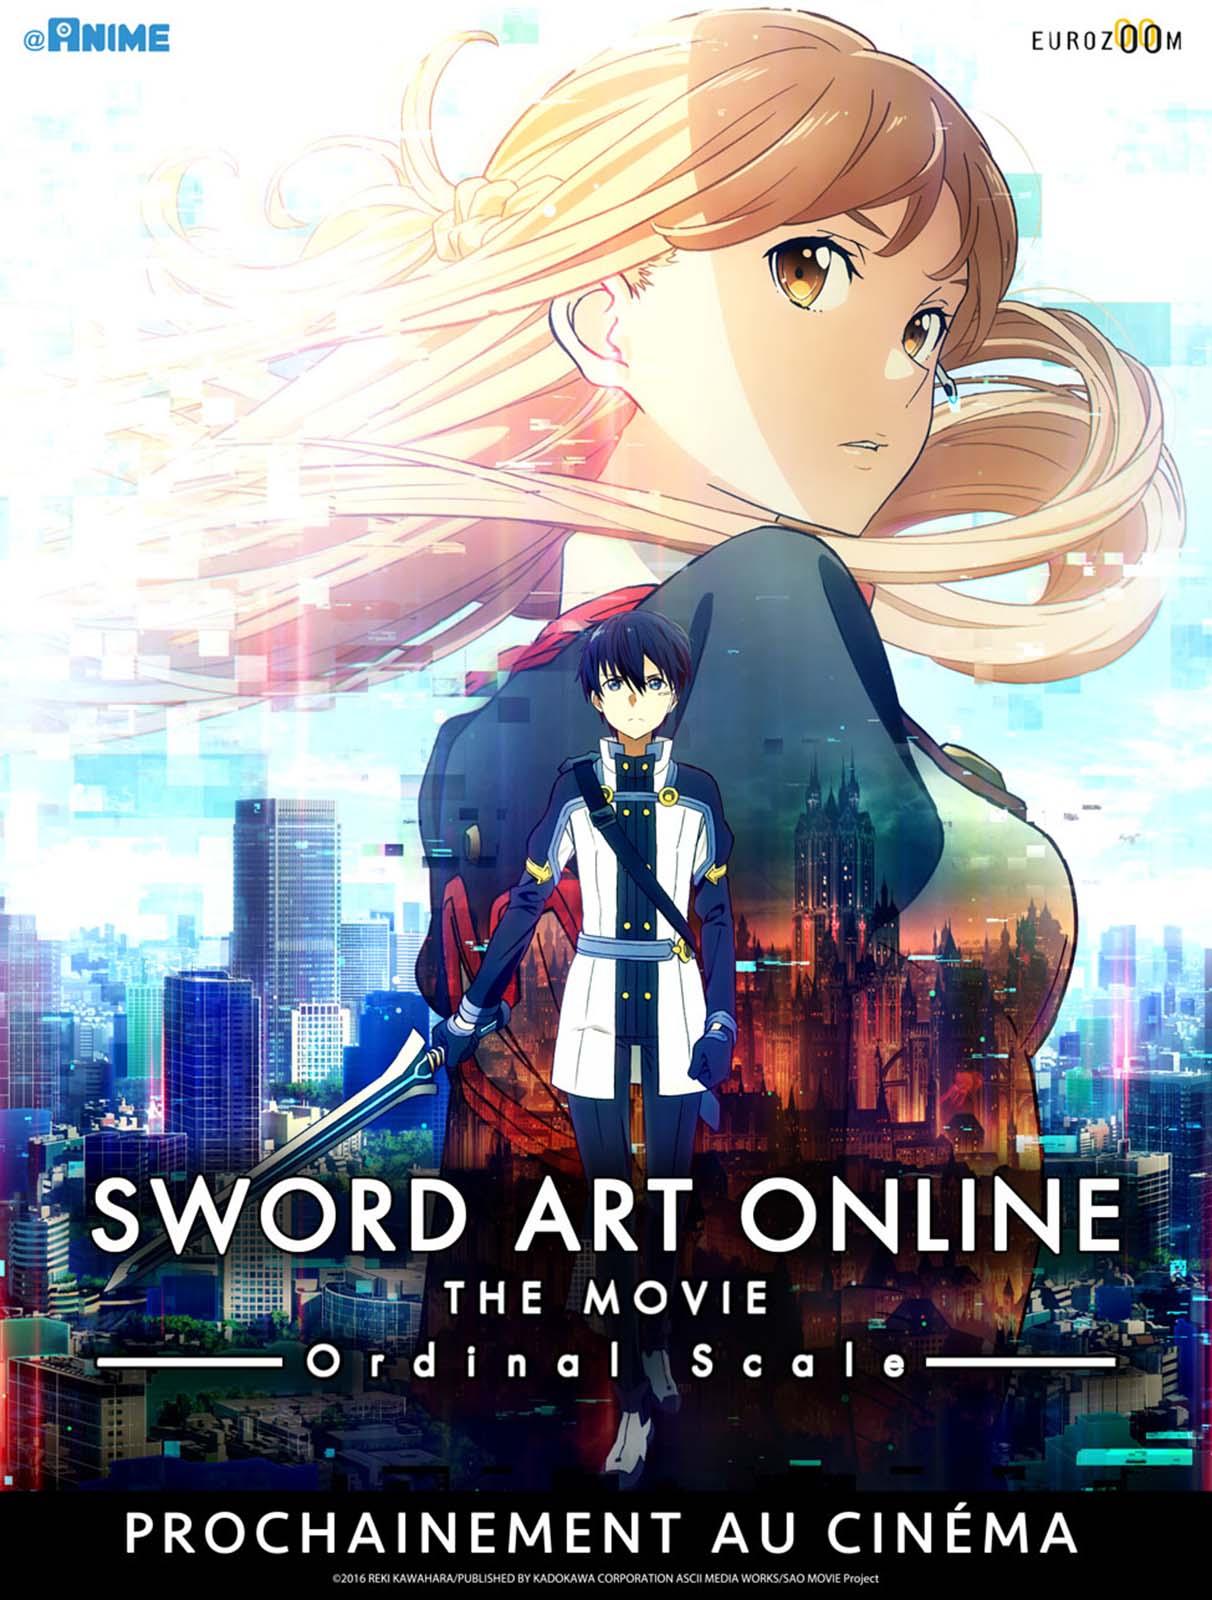 Sword Art Online Movie